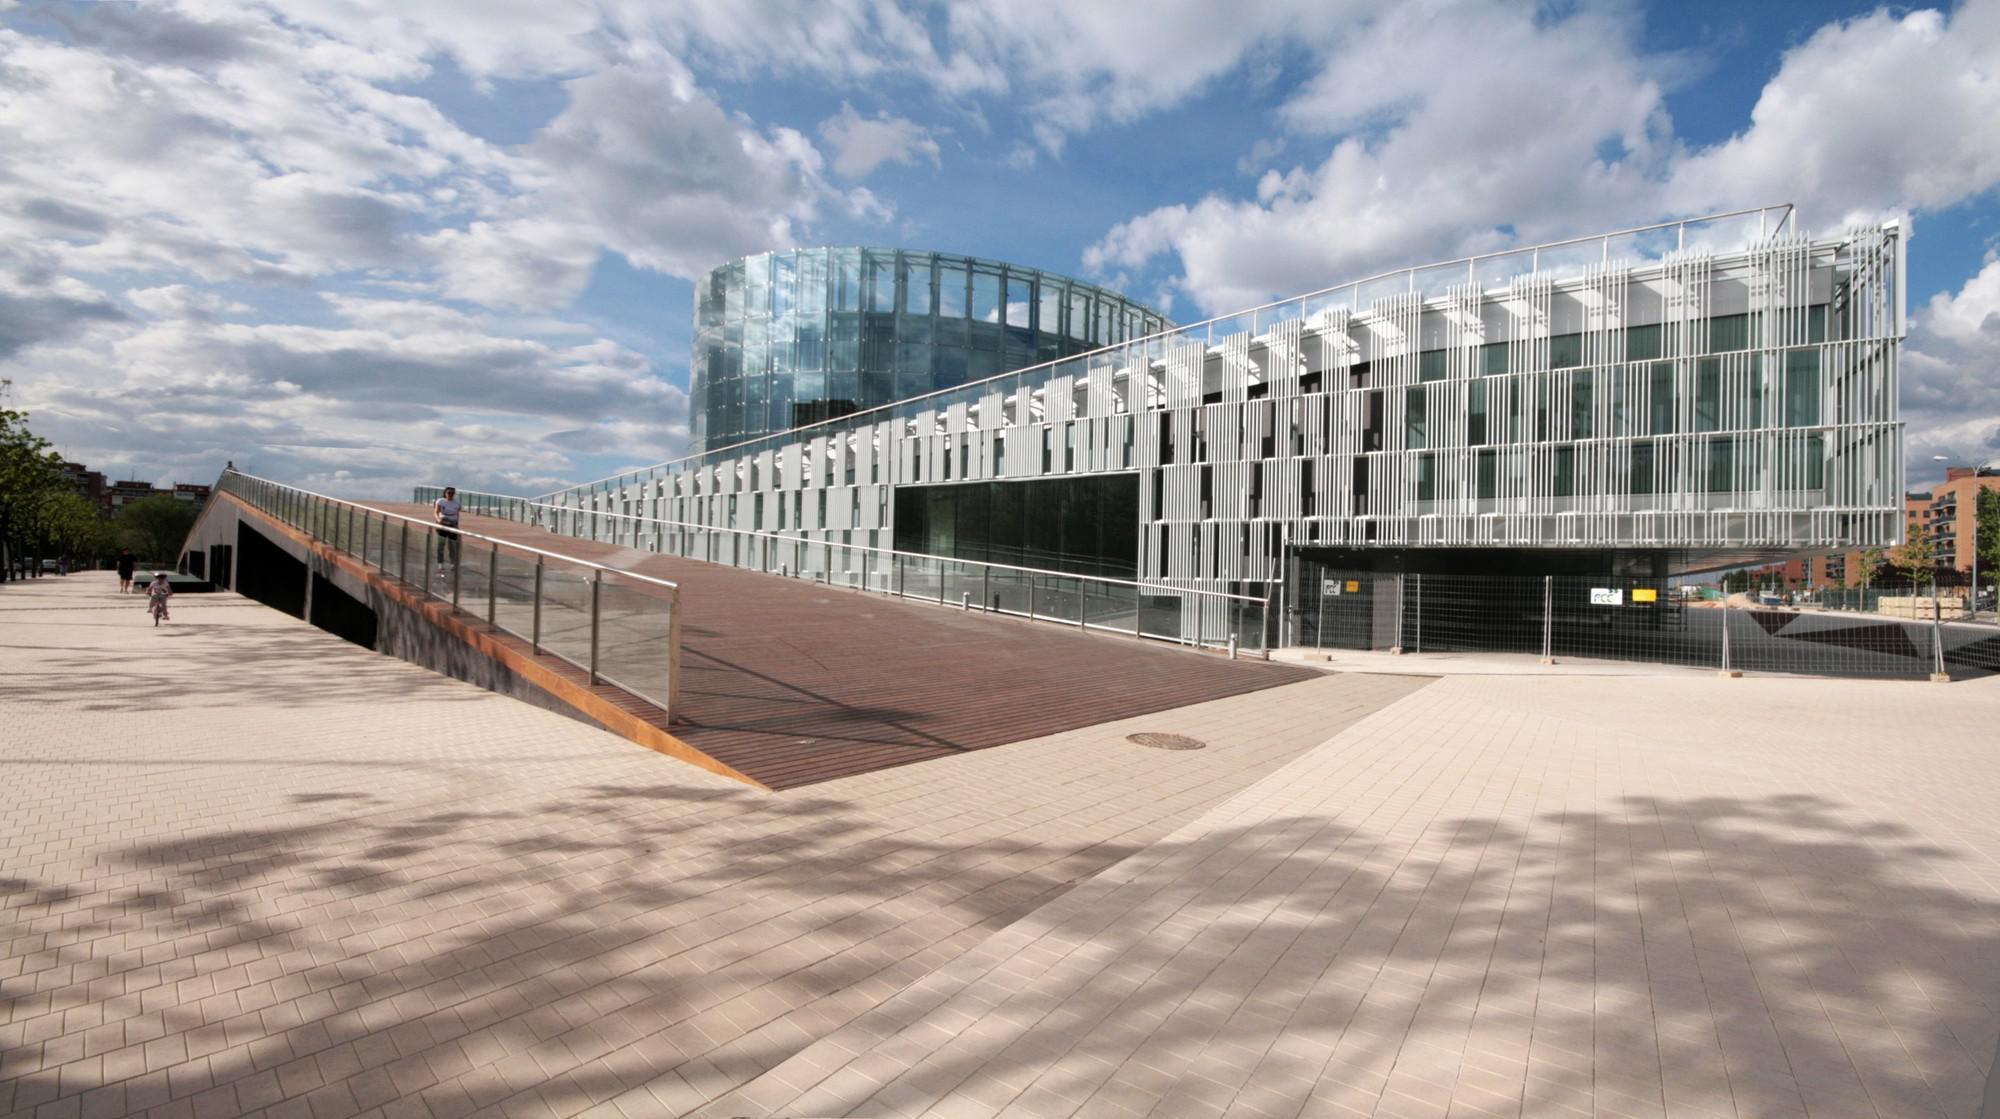 Los más de 100 millones de euros de inversión en el centro han sido, de momento, inútiles